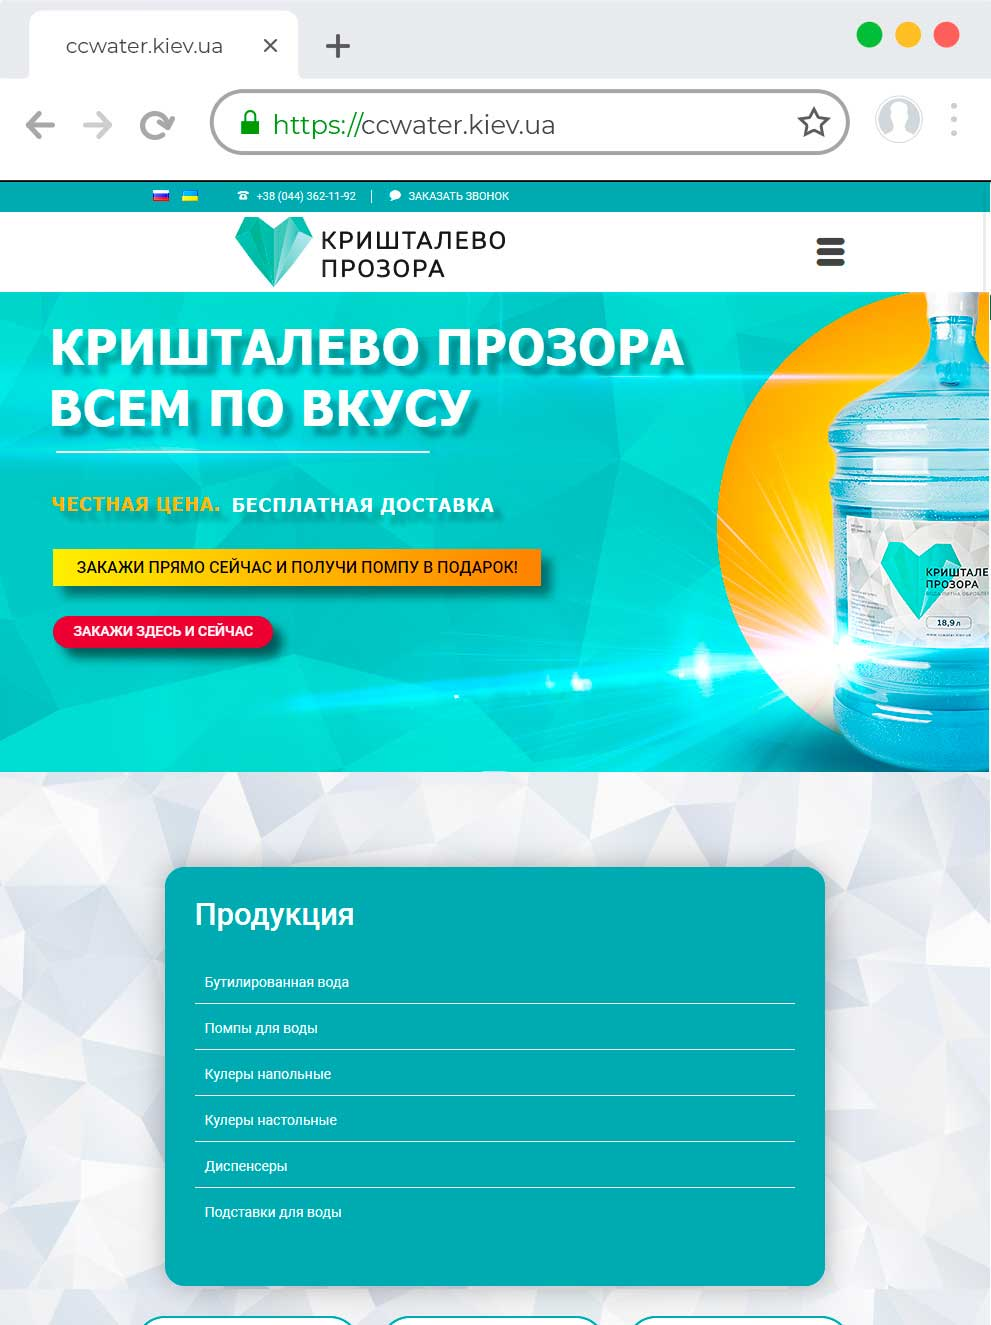 Разработка сайта для компании по доставке питьевой воды в Киев